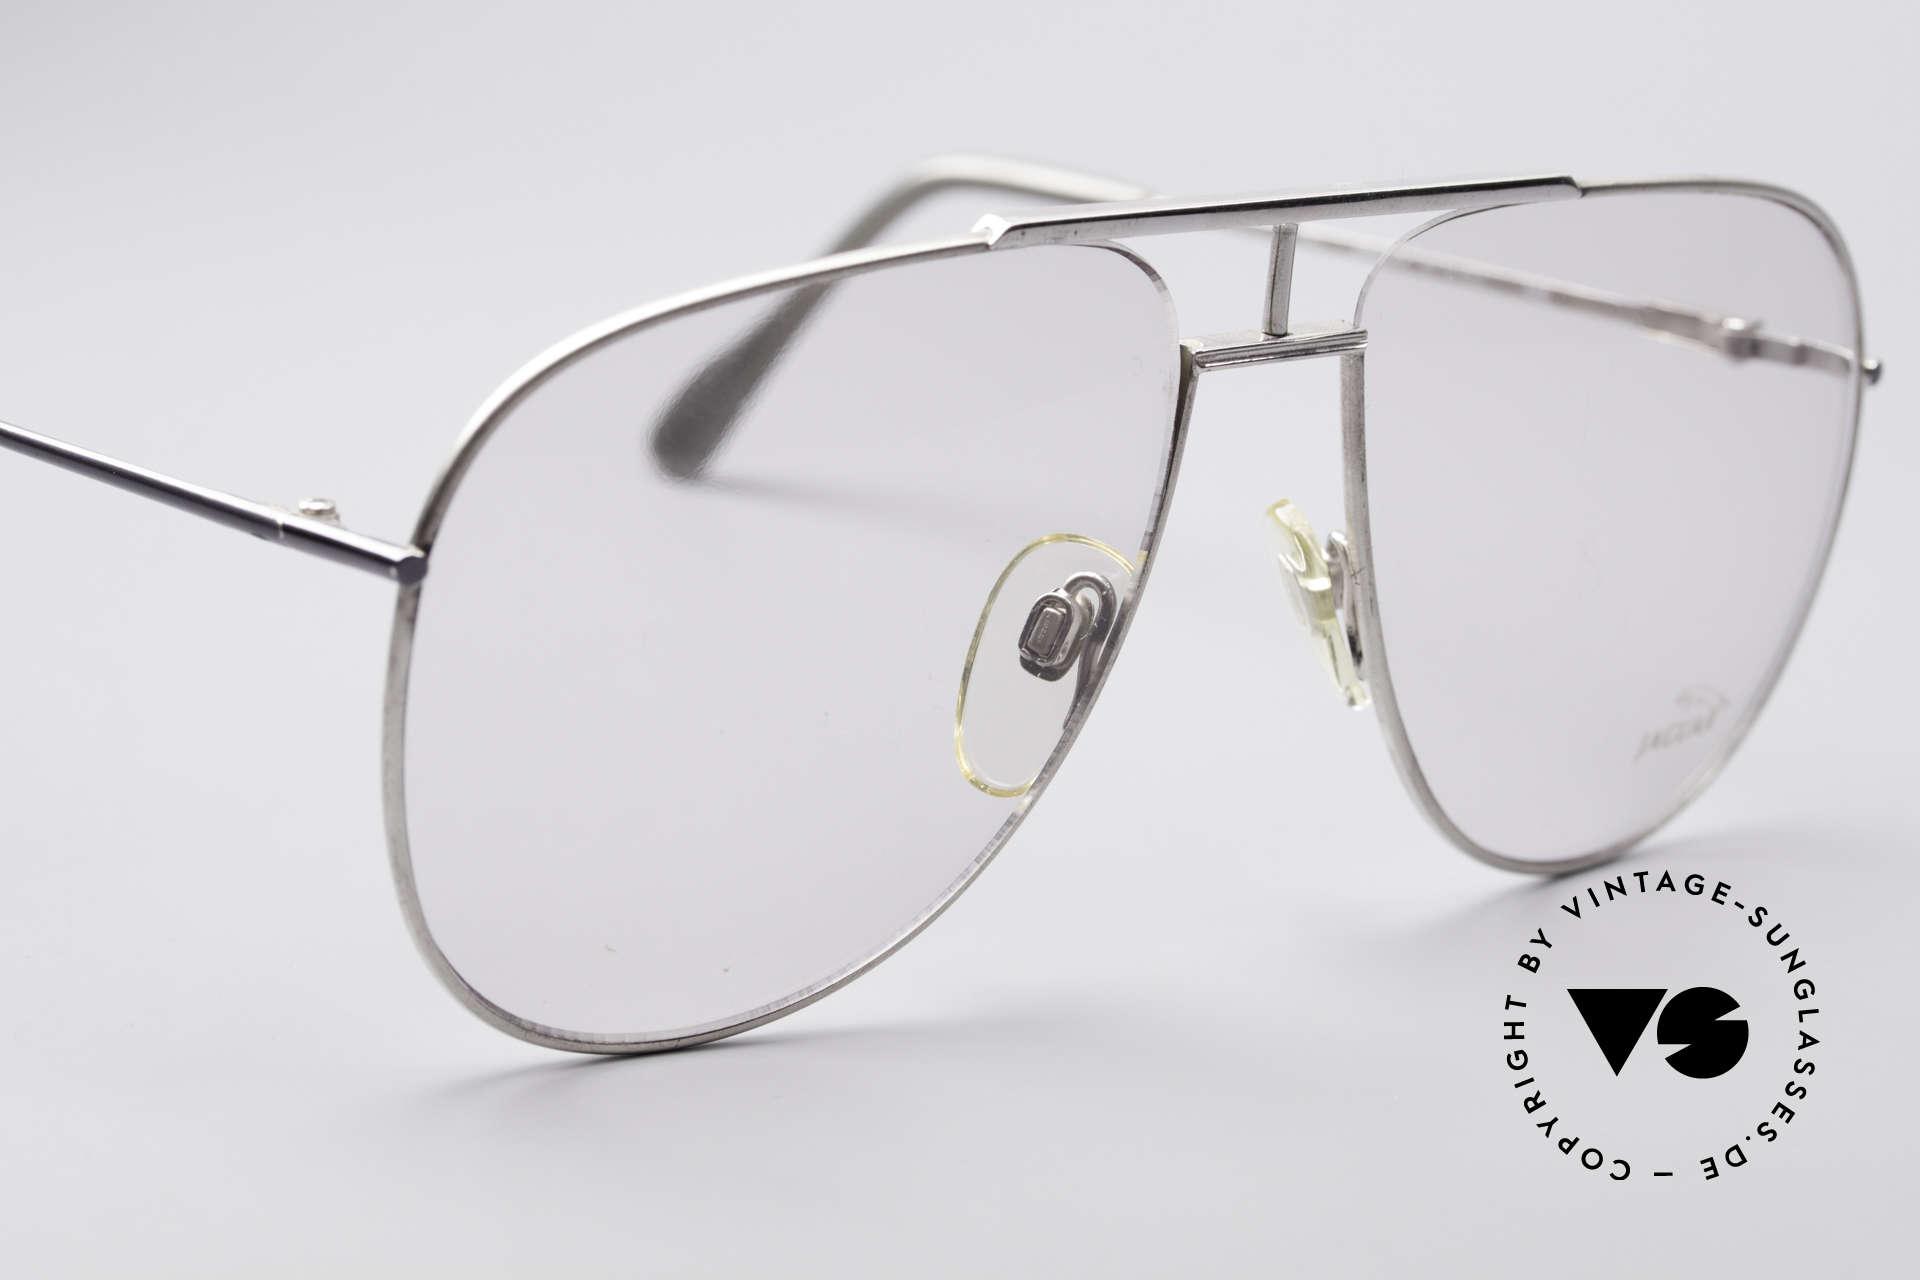 Jaguar 327 80's Vintage Men's Glasses, unworn (like all our vintage JAGUAR eyeglasses), Made for Men